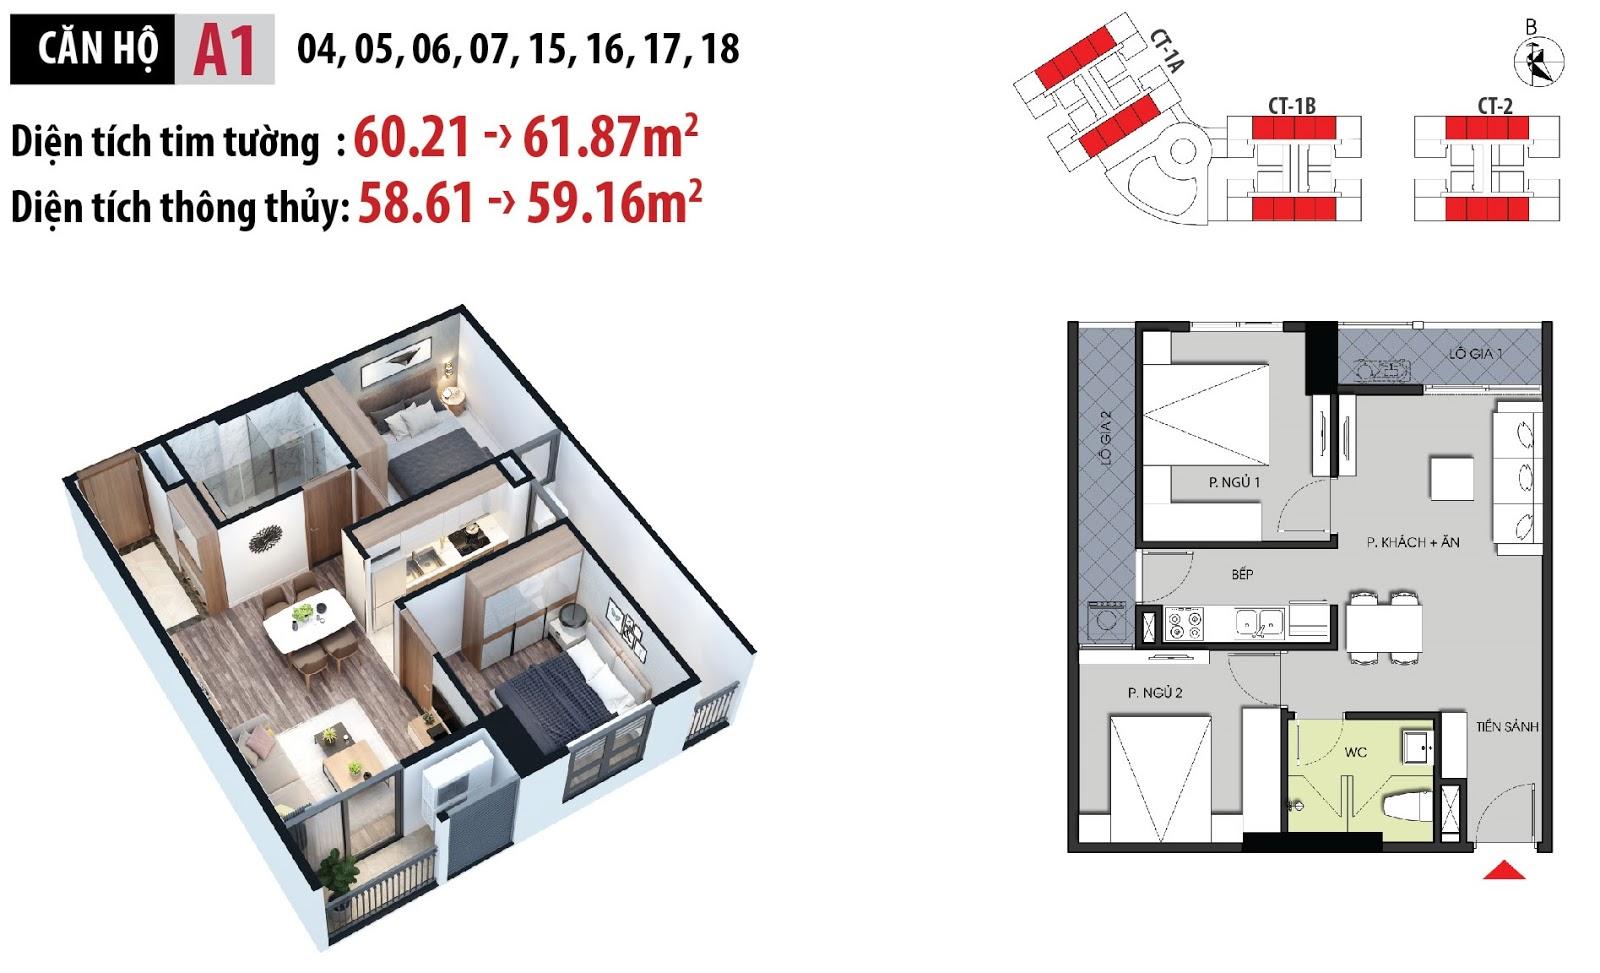 Mặt bằng chi tiết căn hộ 15 - 16 - 17 - 18 dự án Hateco Apollo Xuân Phương